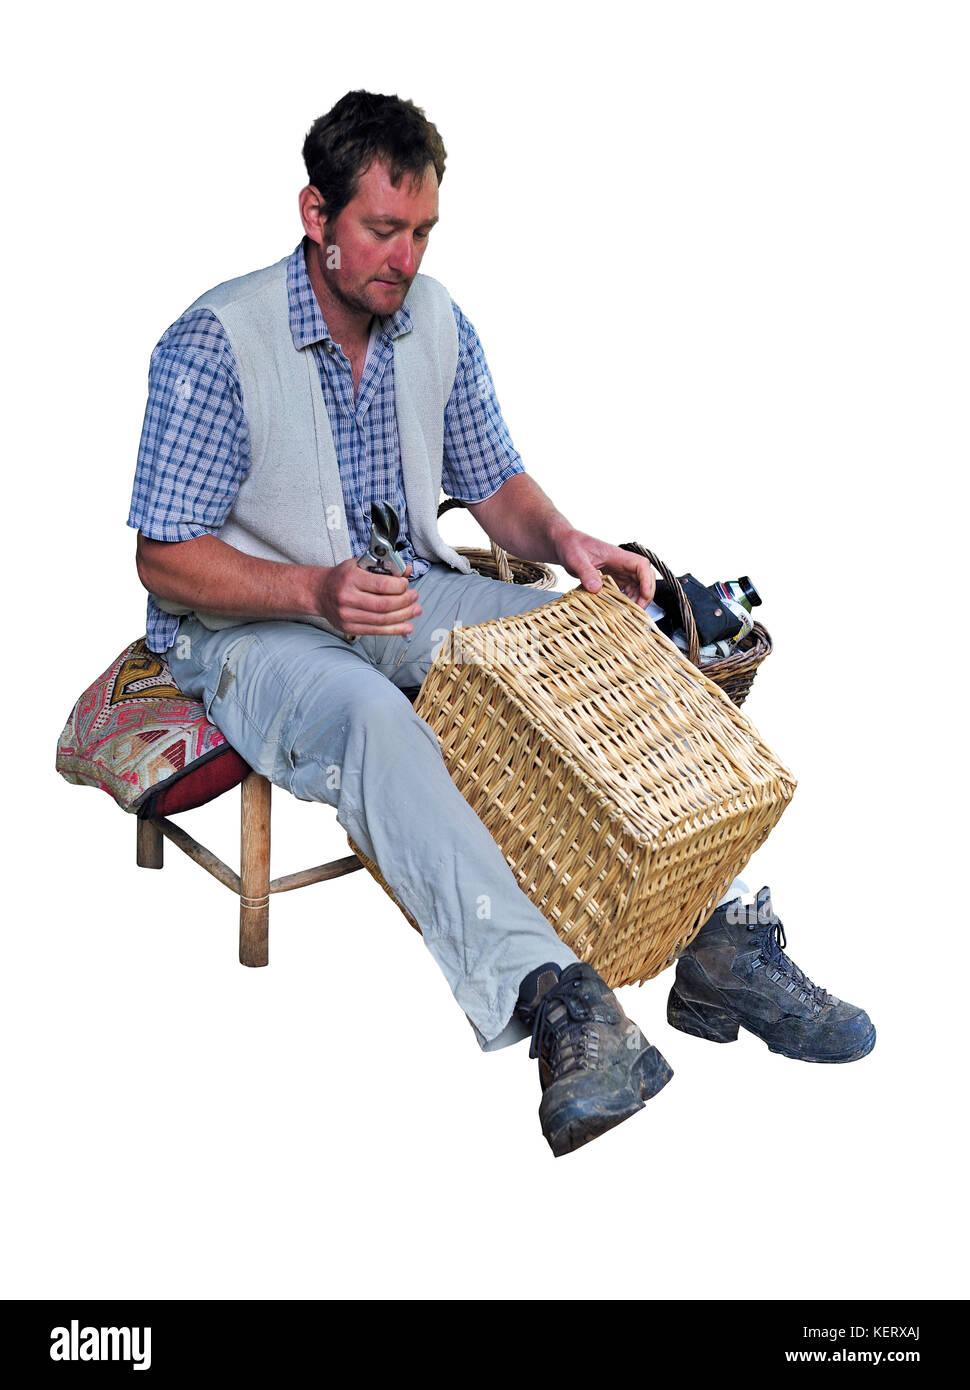 Man basket weaving at craft stand - Stock Image